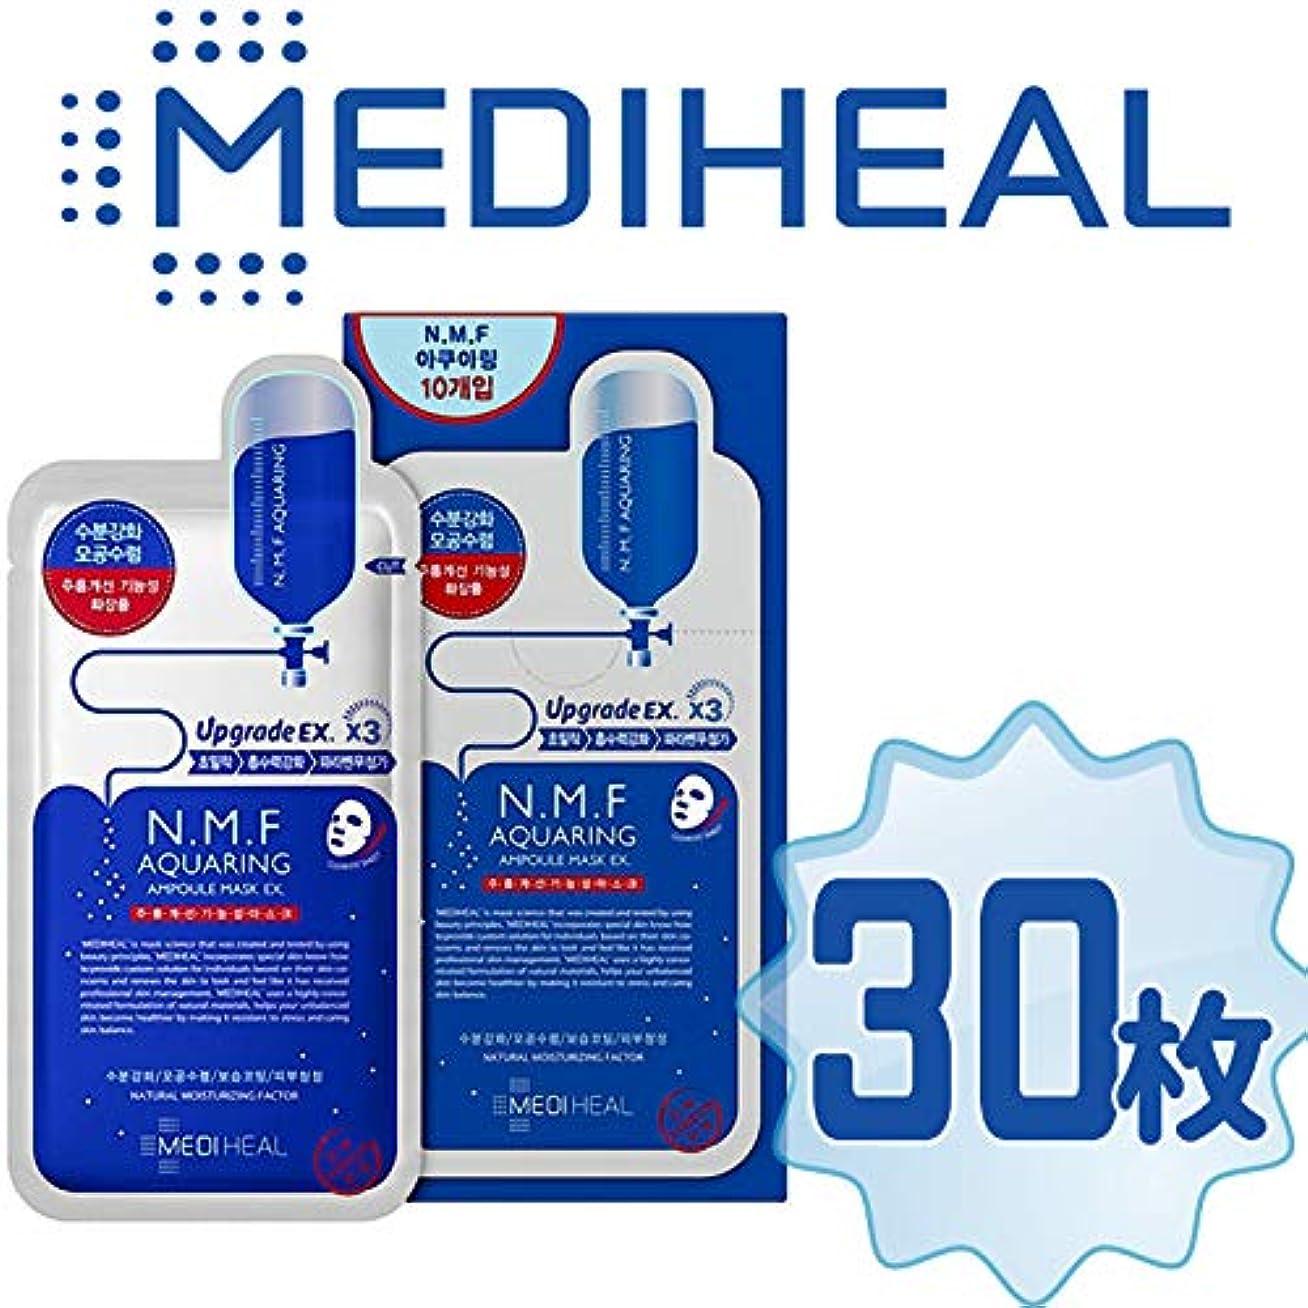 マークされたインシュレータコンペ【正規輸入品】Mediheal メディヒール N.M.F アクアリング アンプル?マスクパックEX 10枚入り×3(Aquaring Ampoule Essential Mask PackEX 1box(10sheet)×3